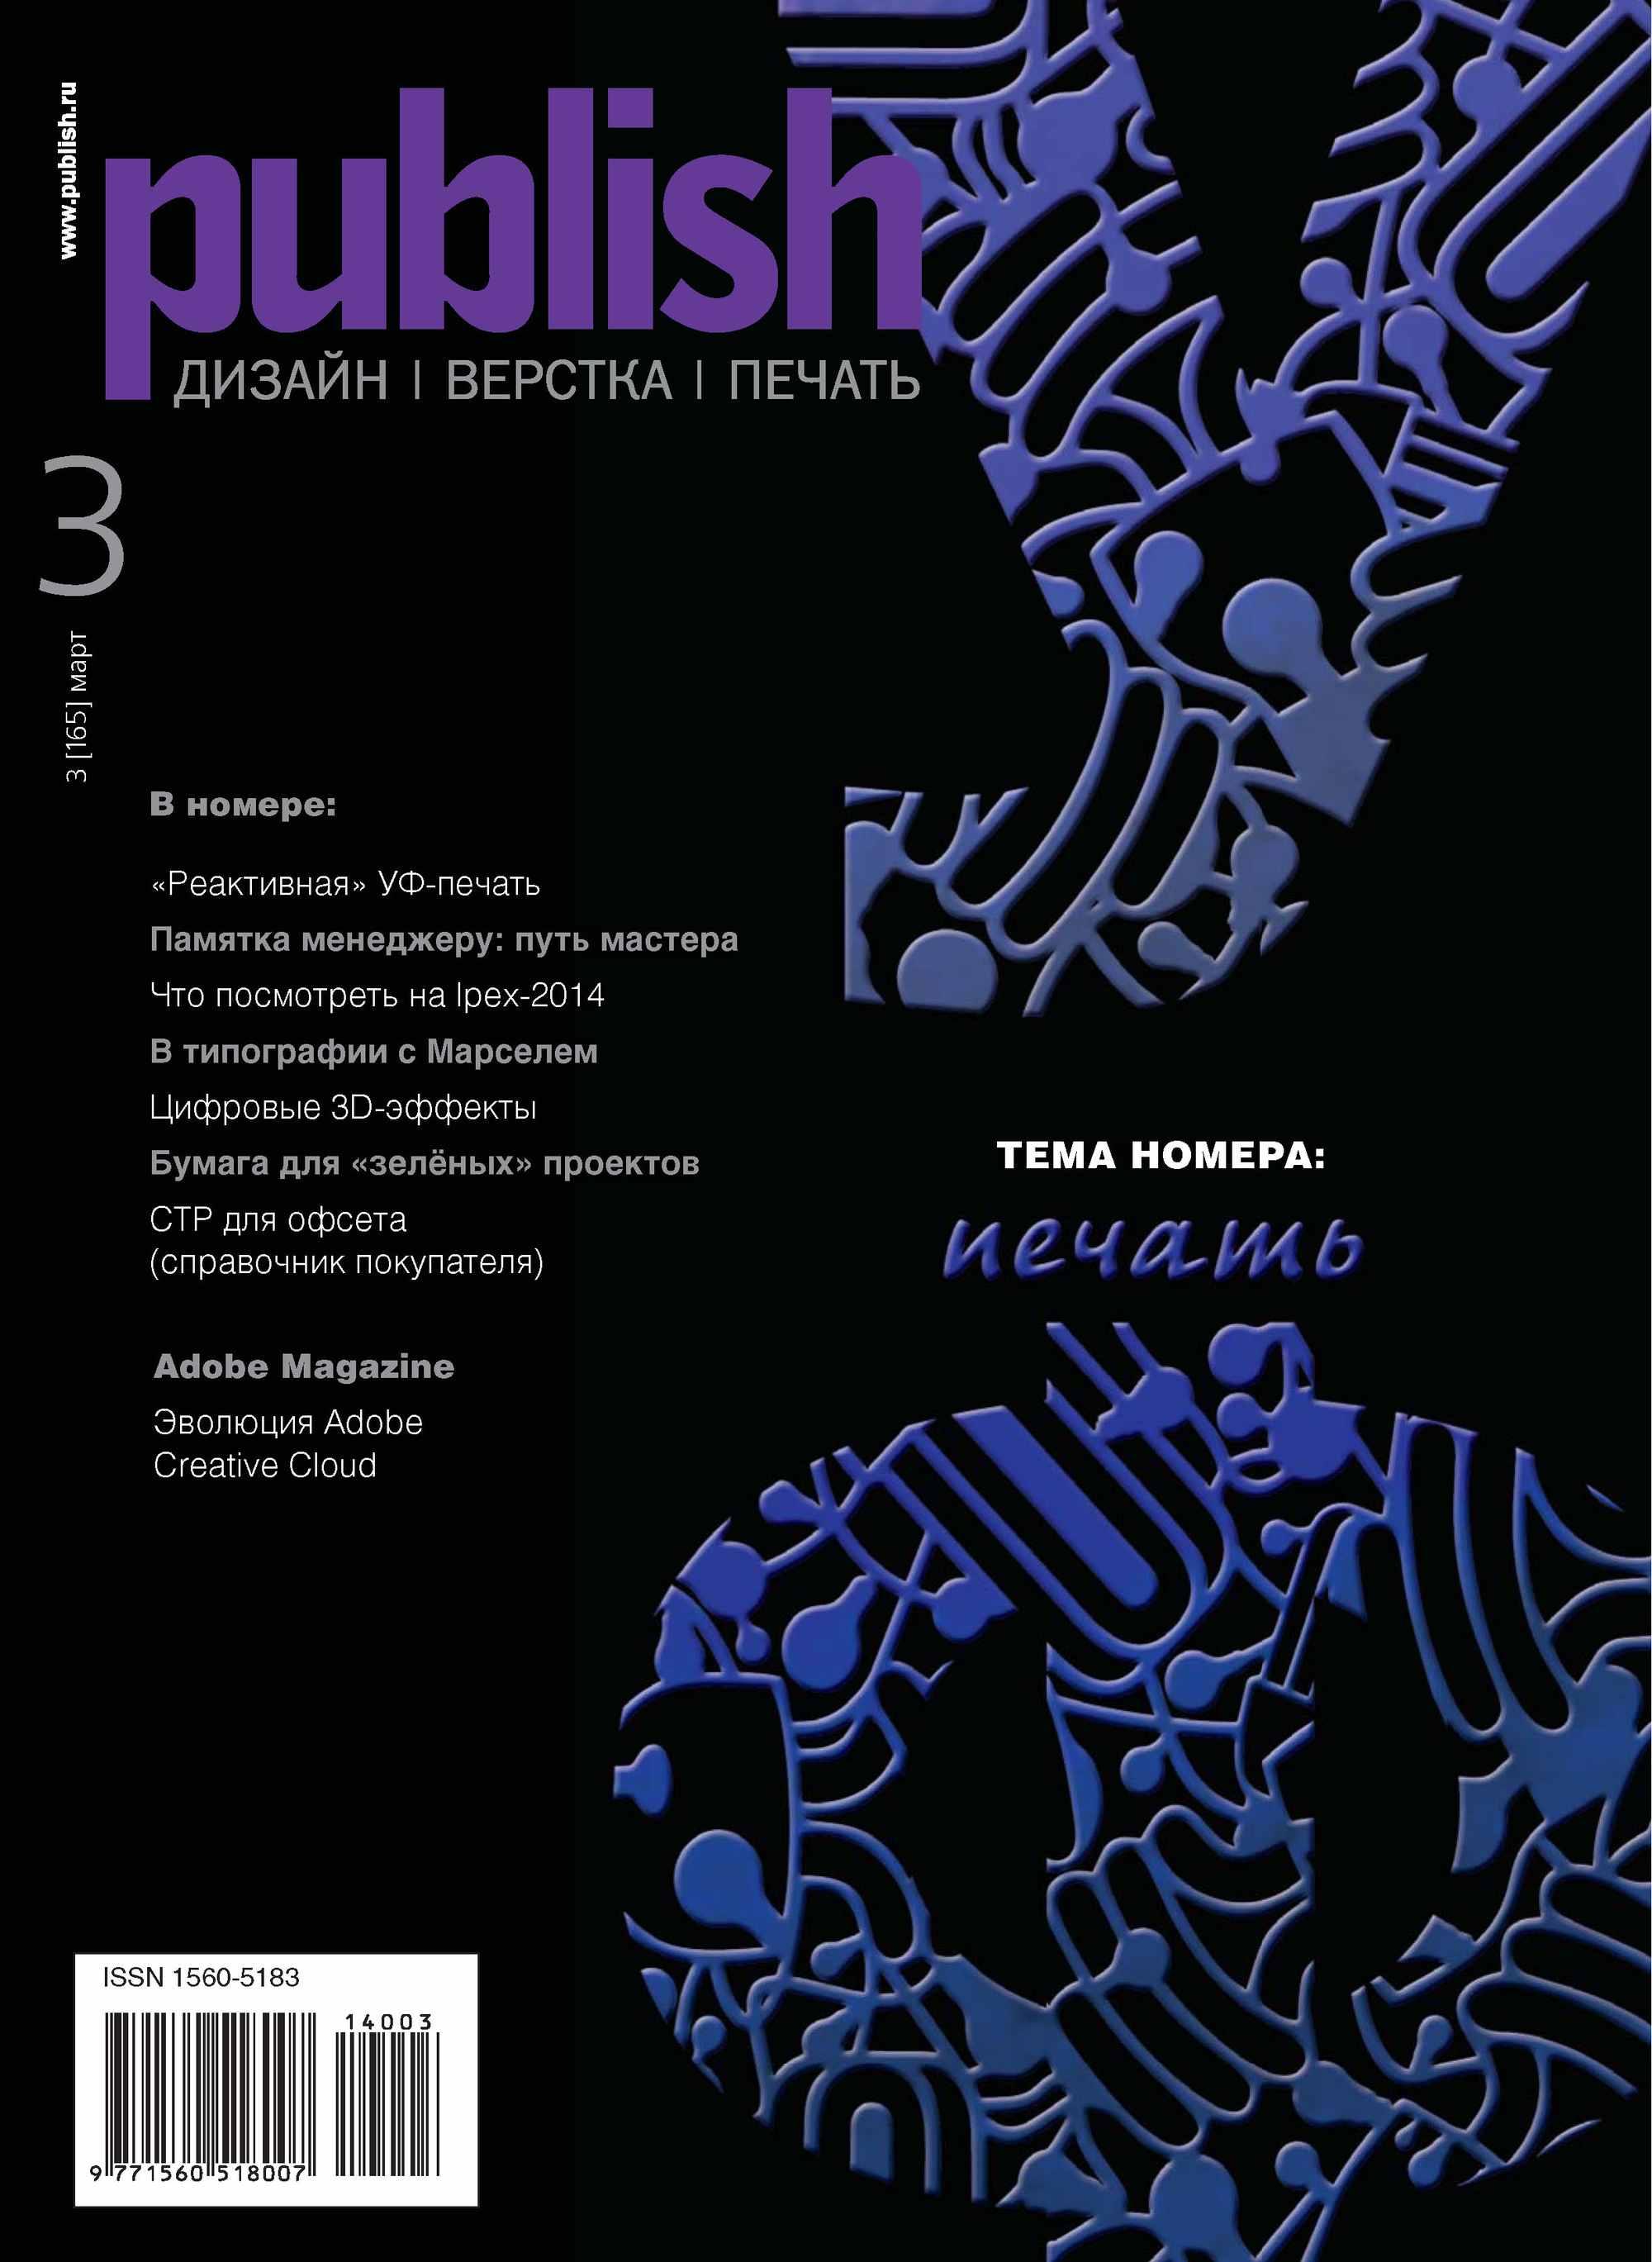 Открытые системы Журнал Publish №03/2014 hoodz dvd magazine issue 1